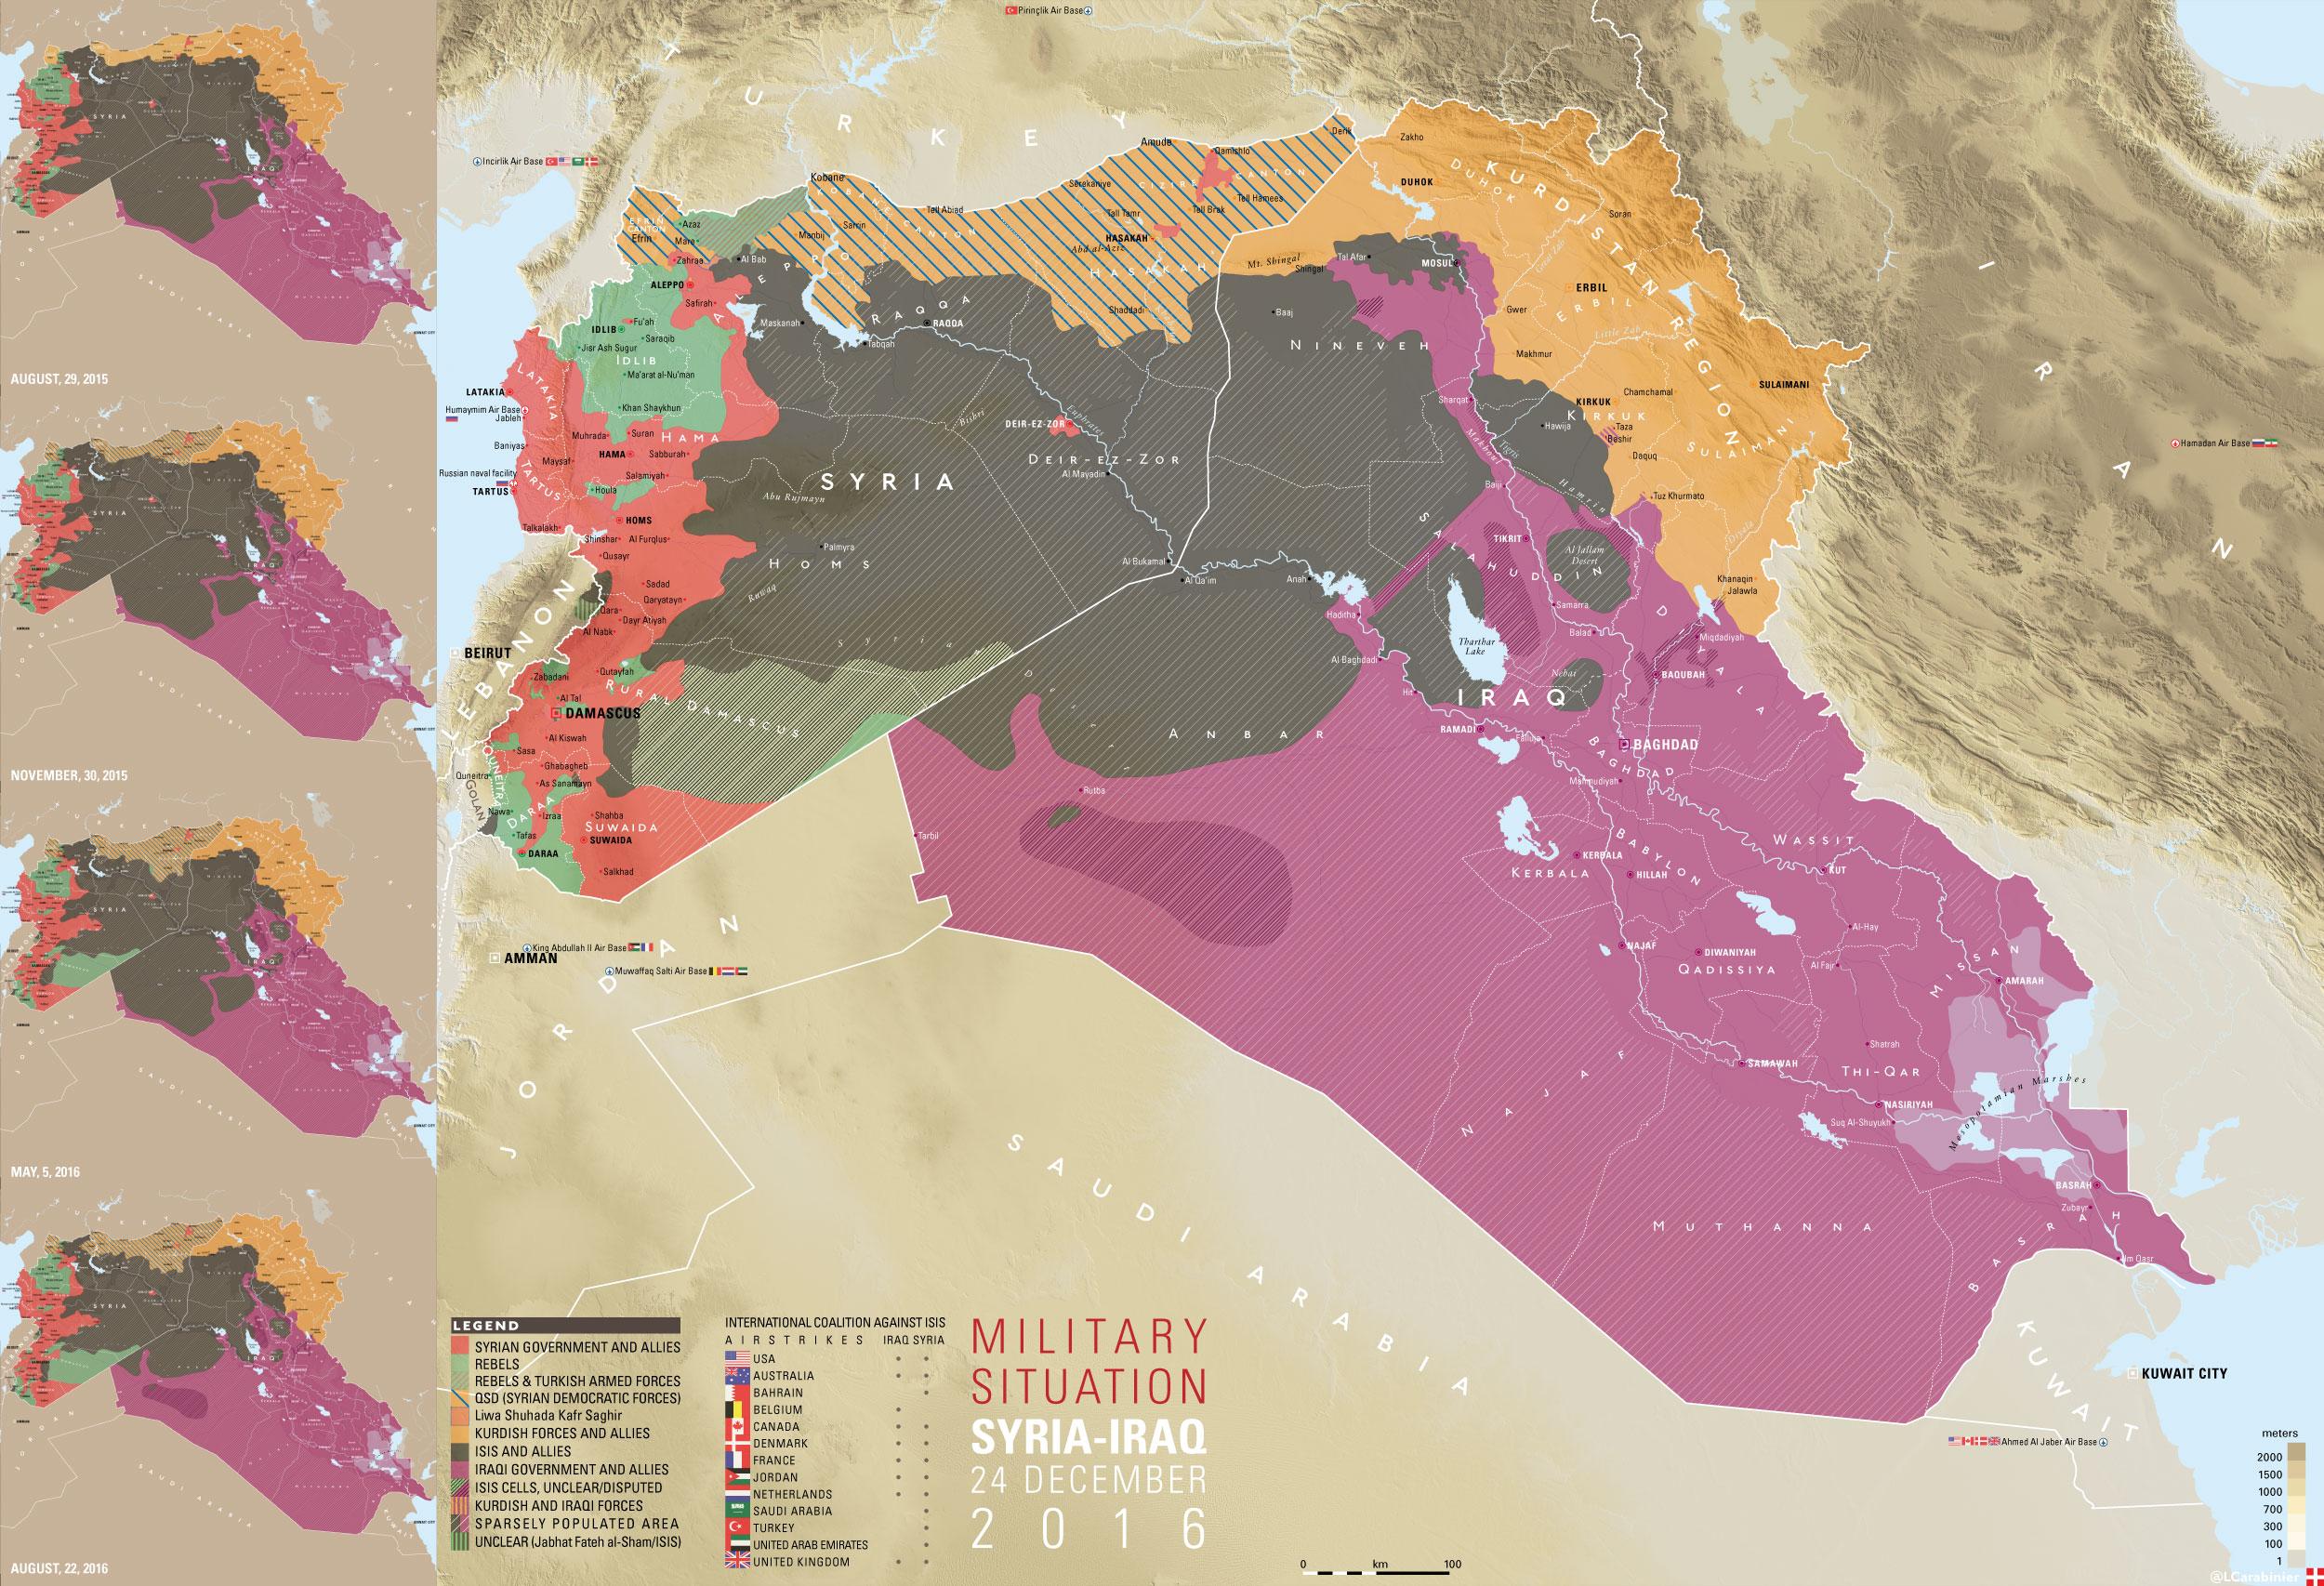 Карта расстановки сил в Сирии и Ираке по состоянию на 24.15.2016